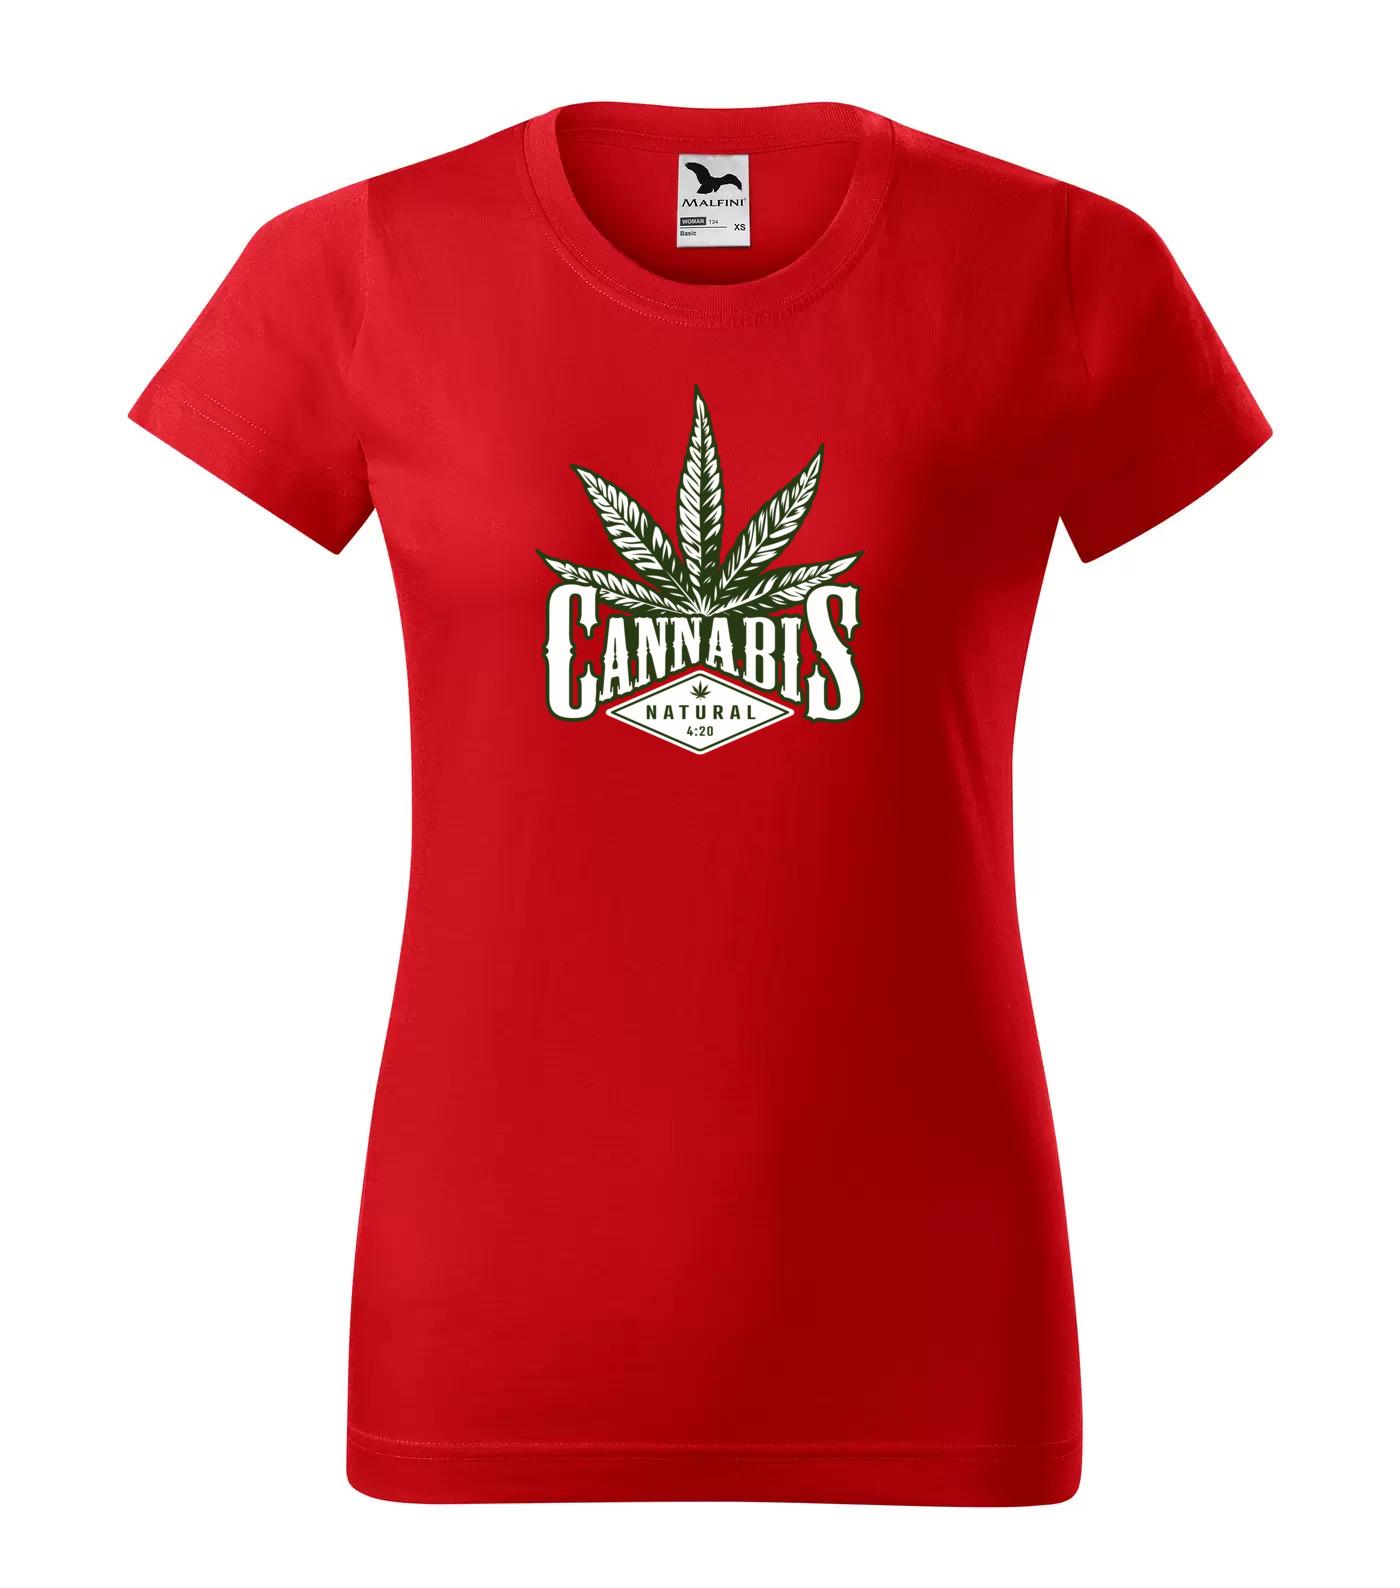 Tričko Cannabis